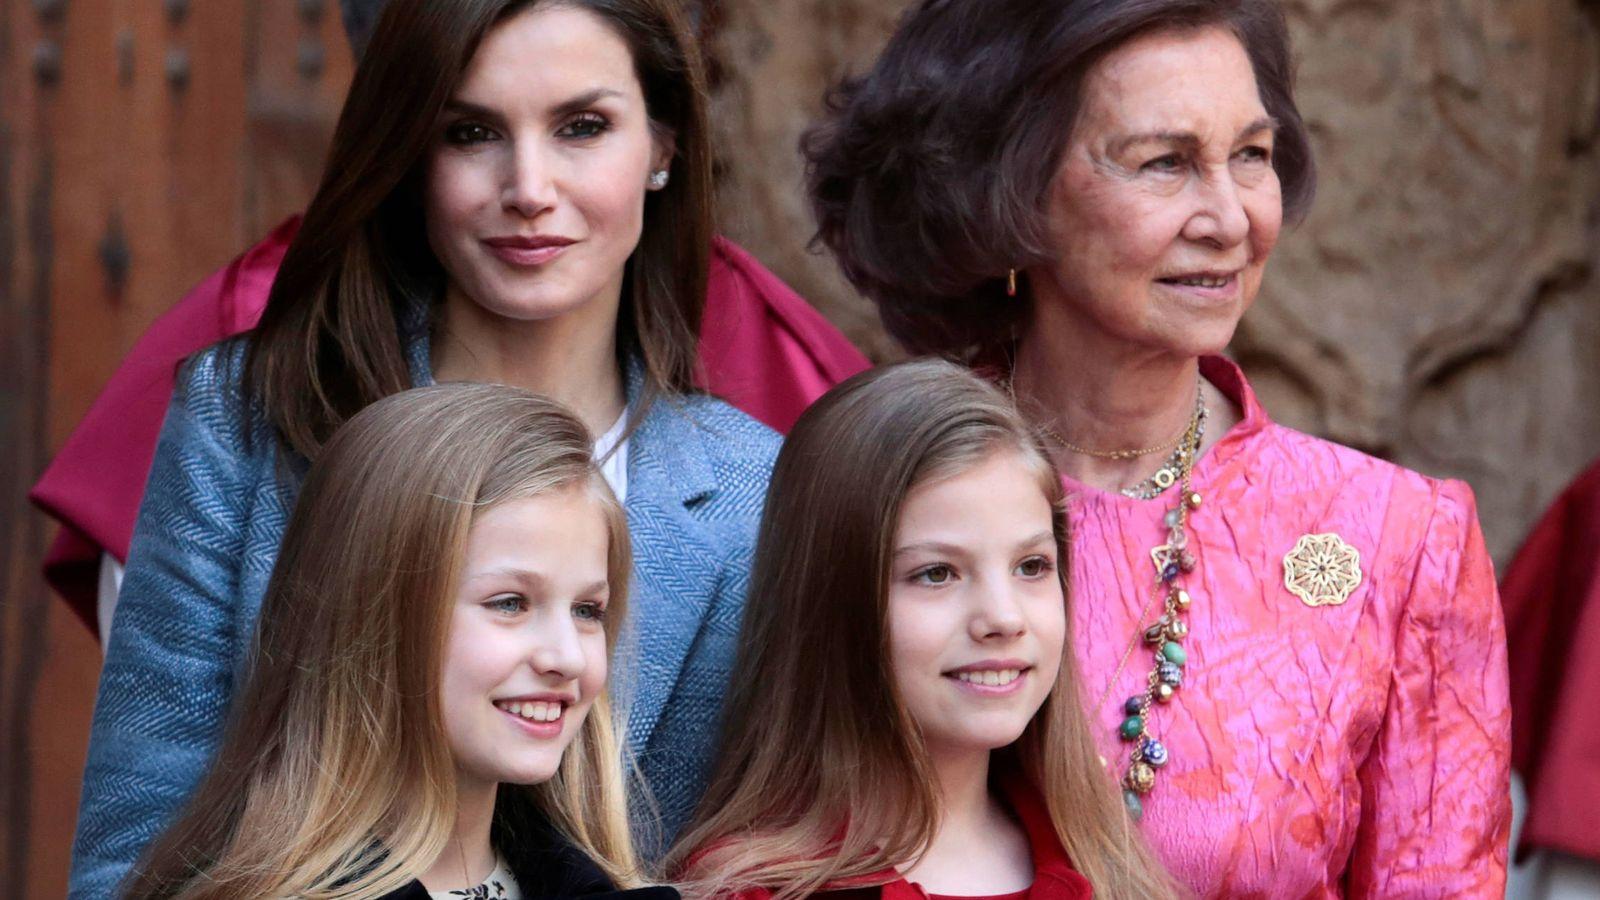 Foto: La reina Letizia, doña Sofía, la princesa Leonor y la infanta Sofía en la Misa de Pascua del año pasado.(REUTERS)